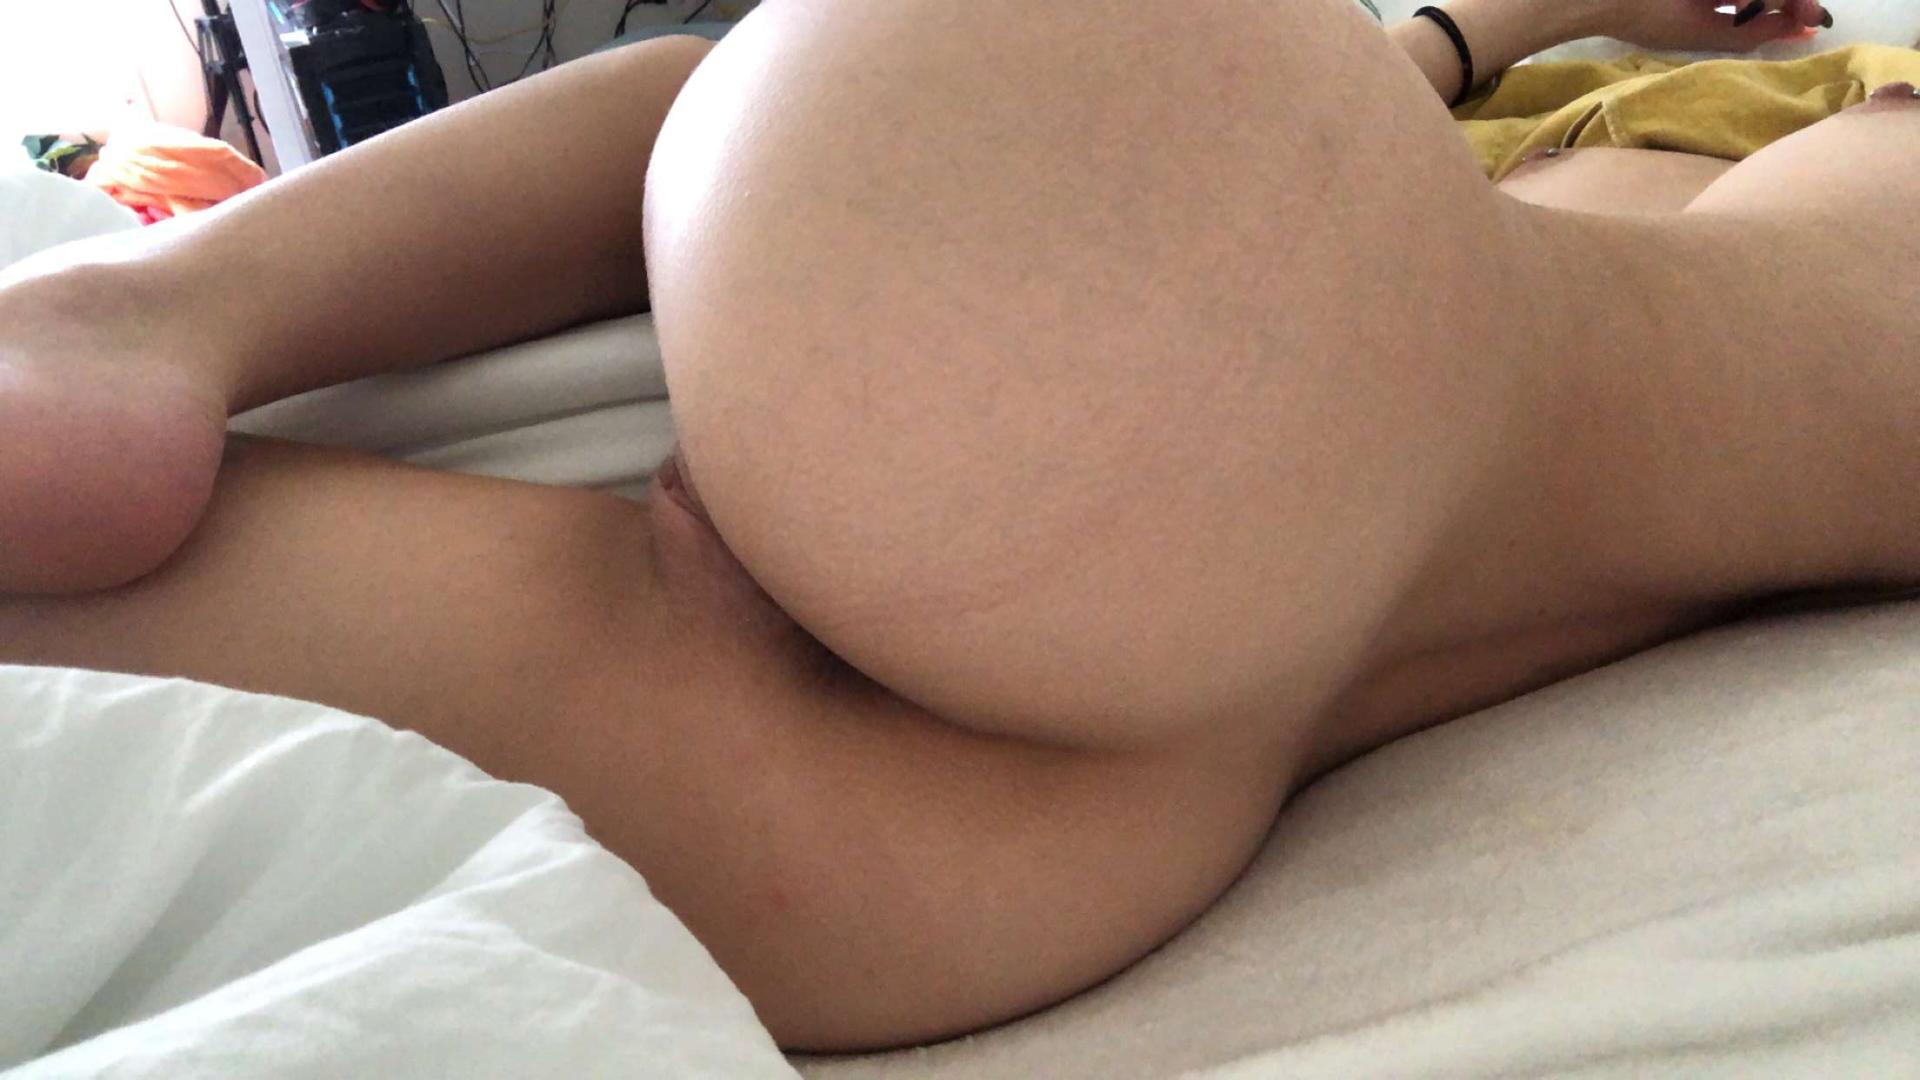 Peachtot Nude & Sex Tape Pikapeachu Leaked0008